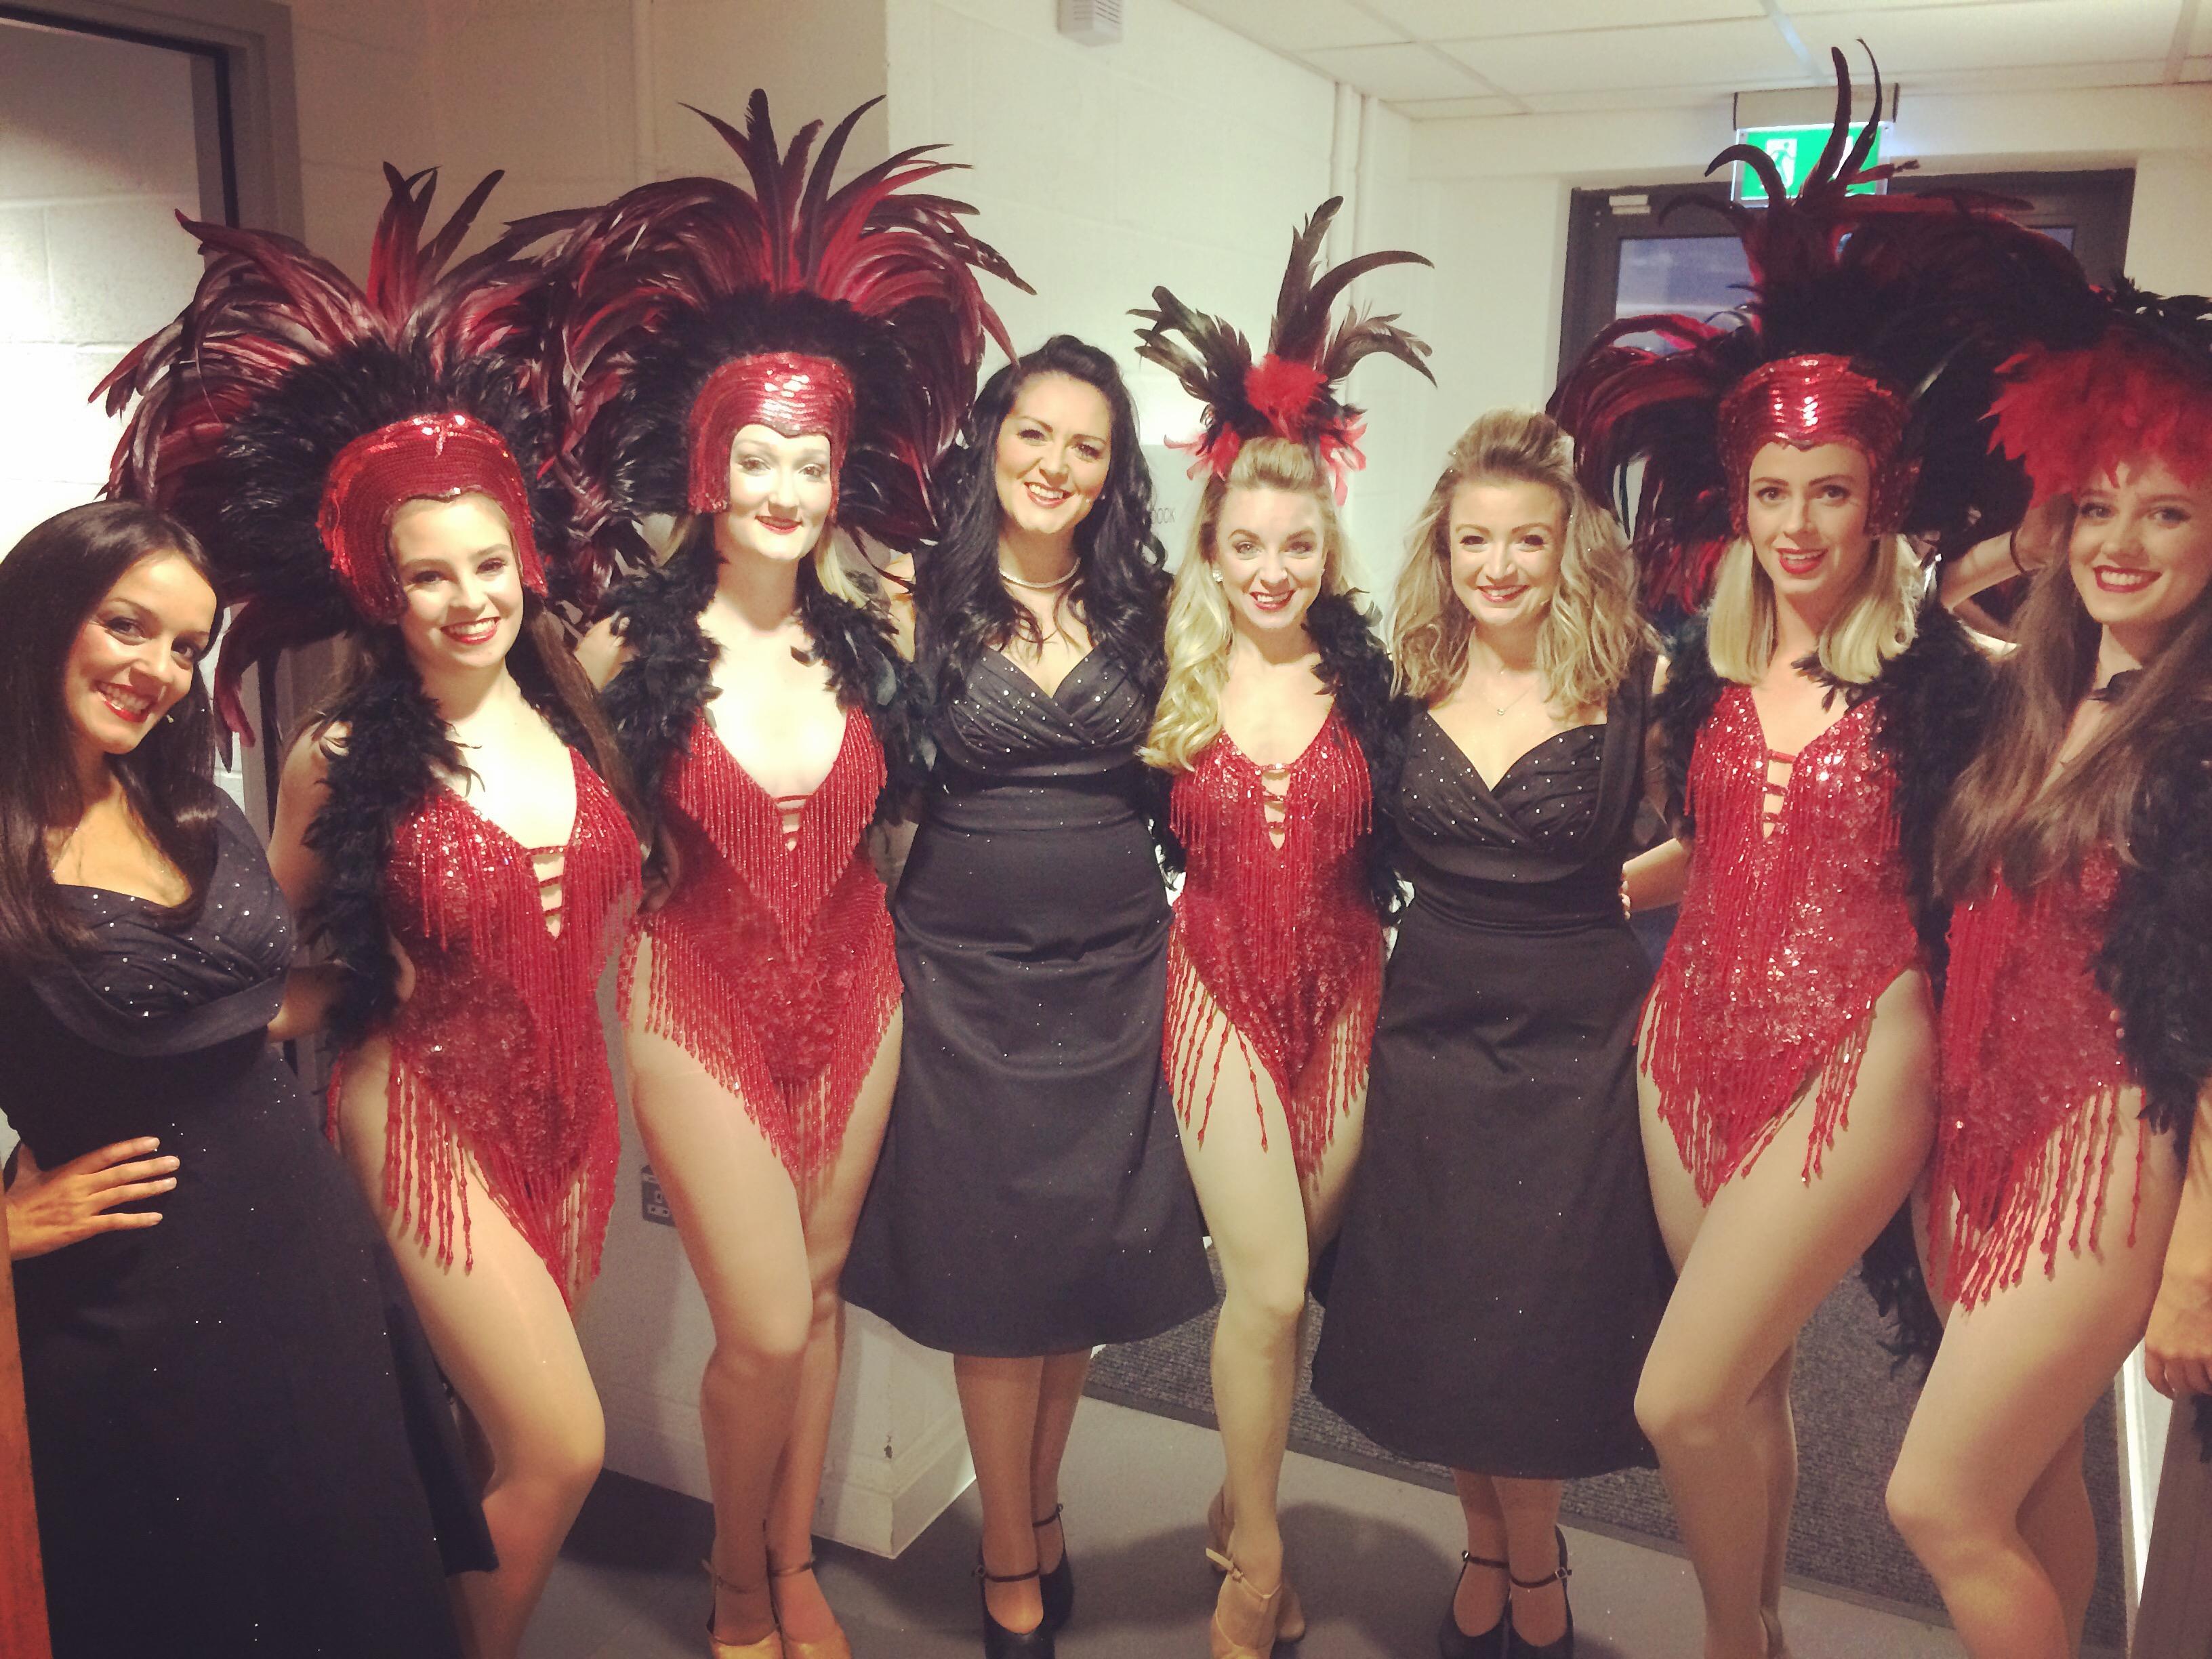 Las Vegas Singers & Dancers